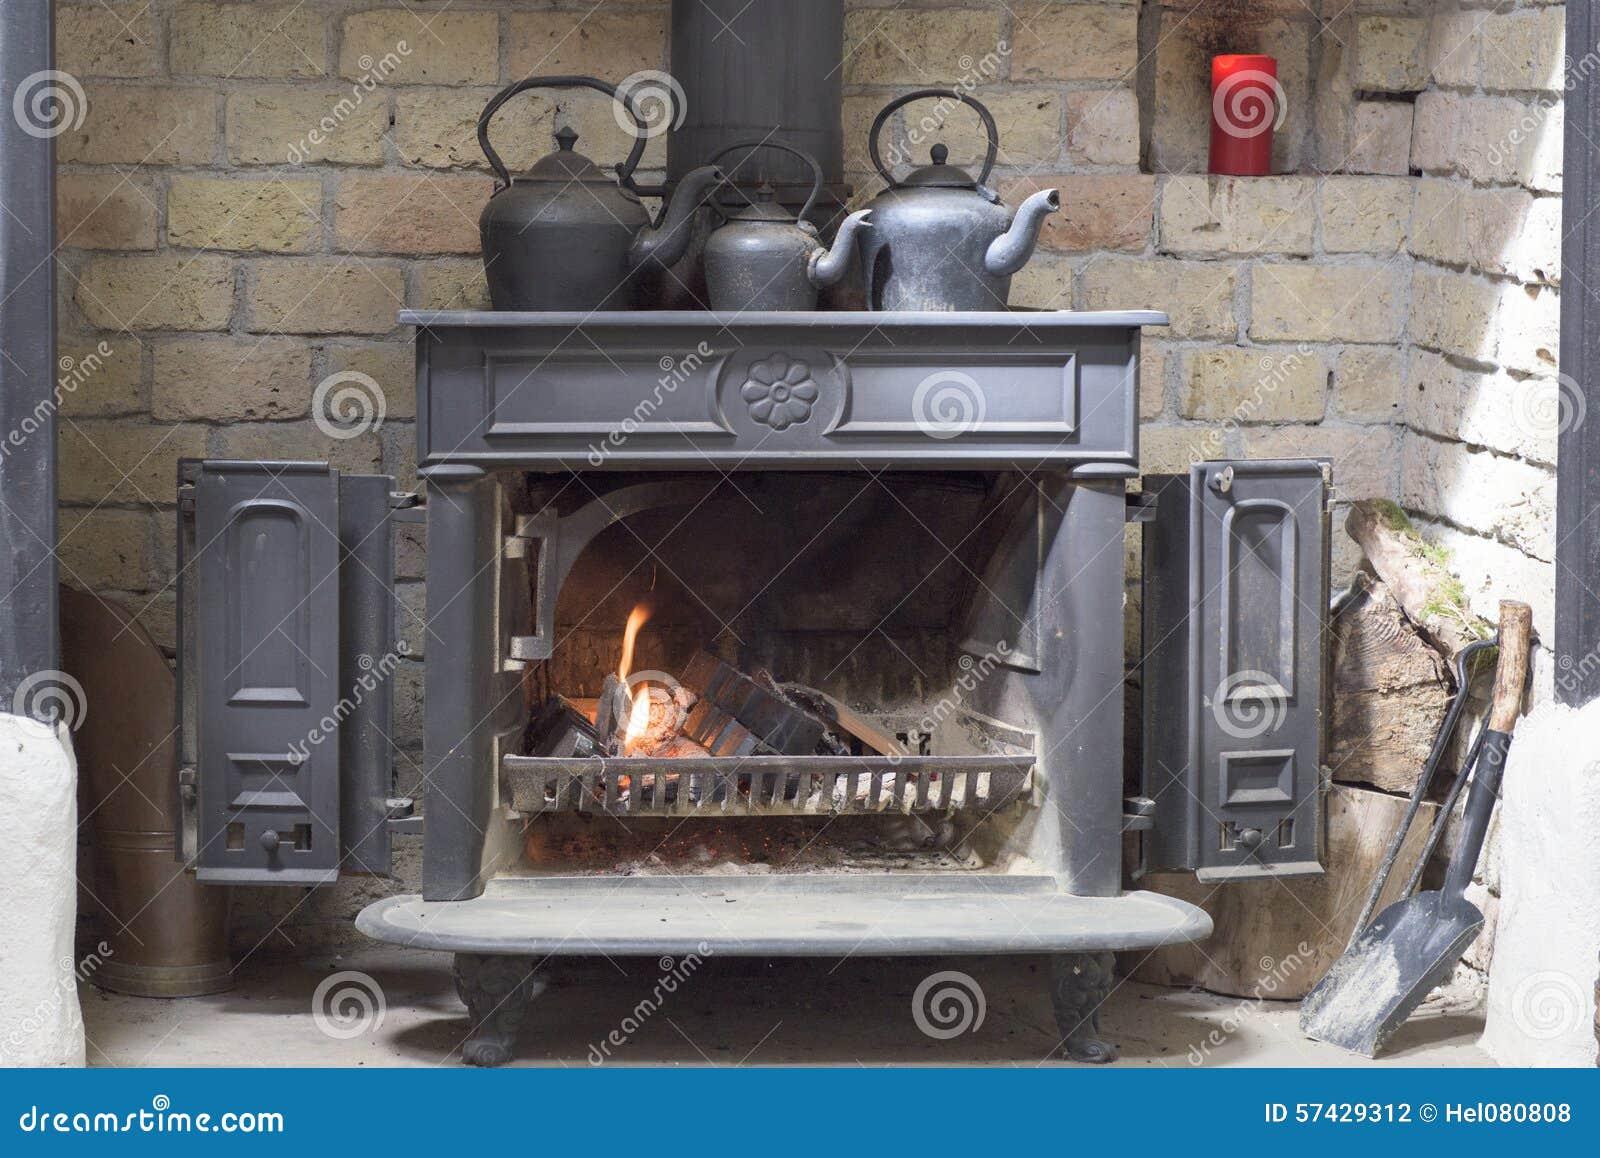 历史的壁炉,茶壶,爱尔兰图片